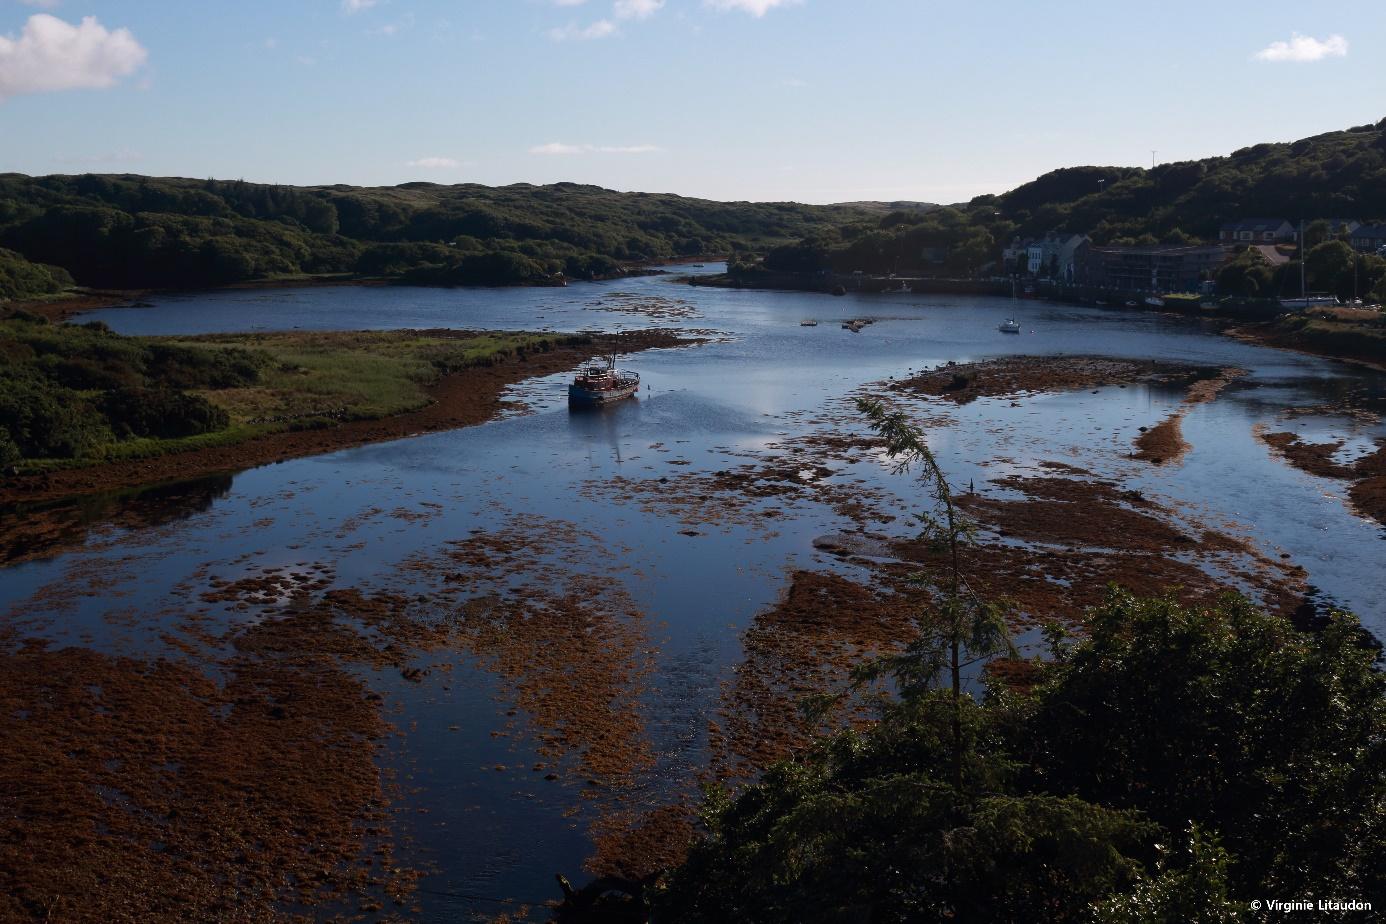 Crédit photo : Virginie Litaudon, Le paysage « lunaire » du port de Clifden au Connemara